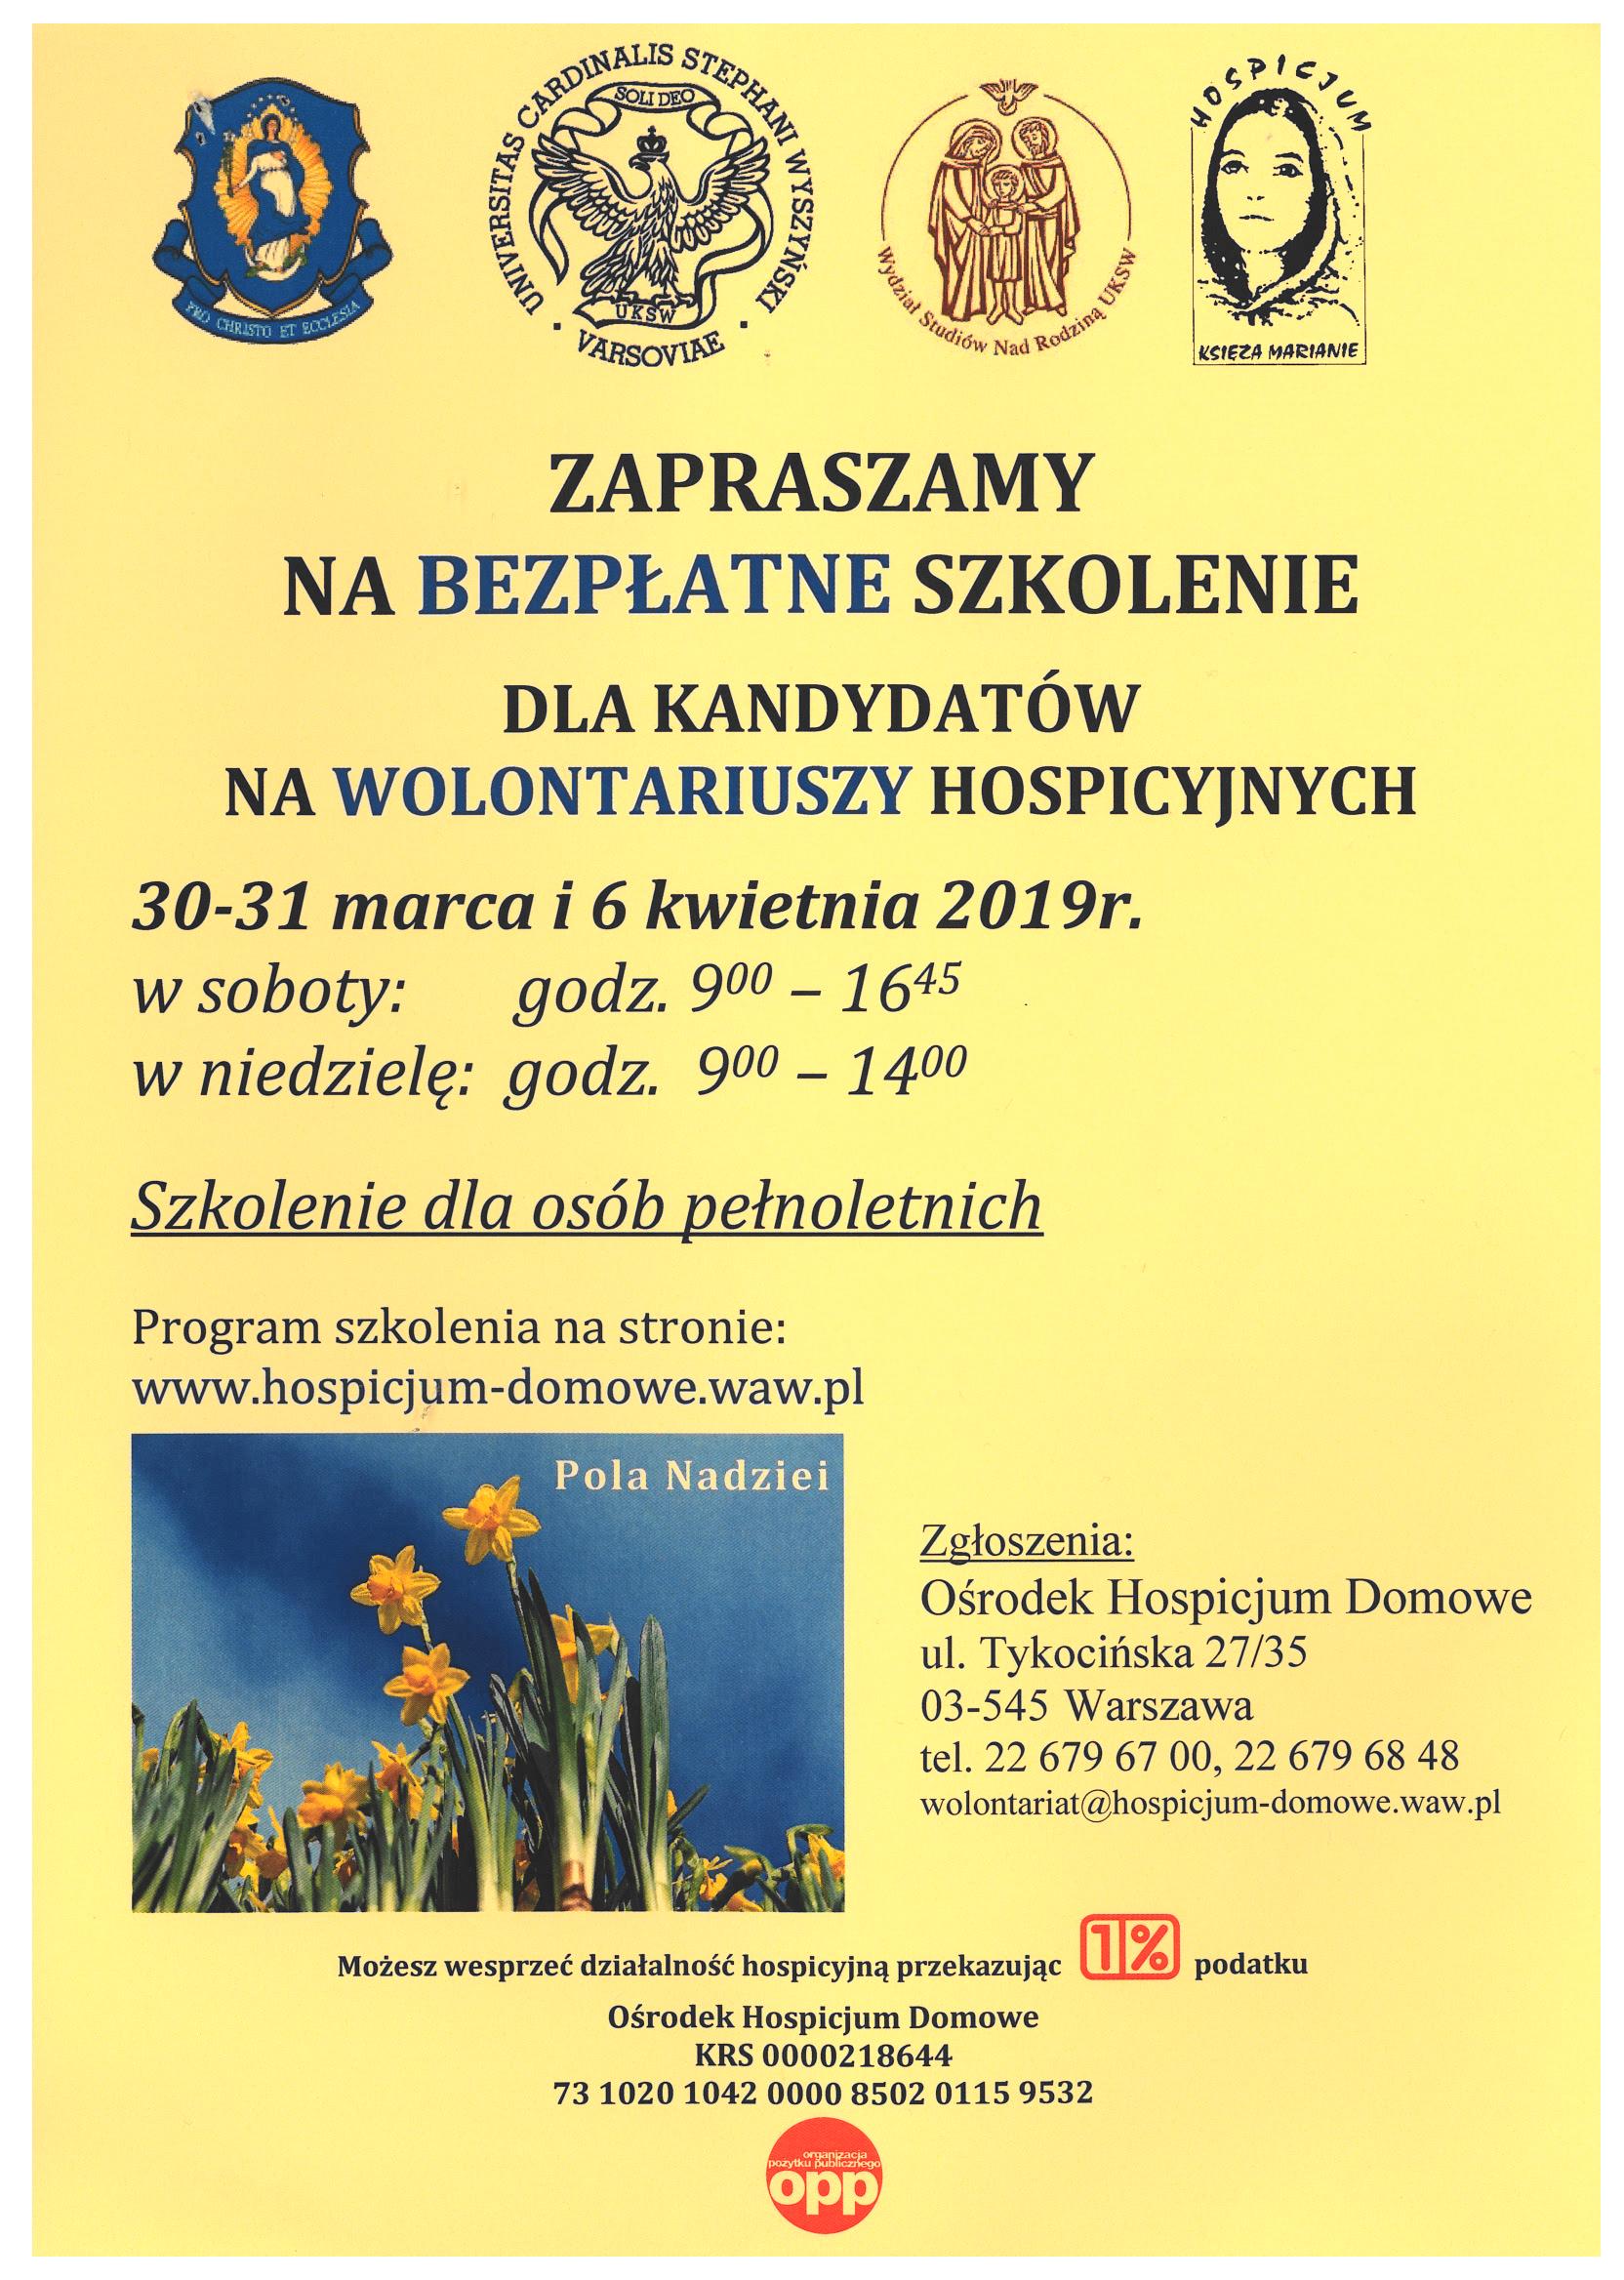 Ośrodek Hospicjum Domowe Zgromadzenia Księży Marianów zaprasza na szkolenie dla kandydatów na wolontariuszy hospicyjnych 30 i 31 marca oraz 6 kwietnia